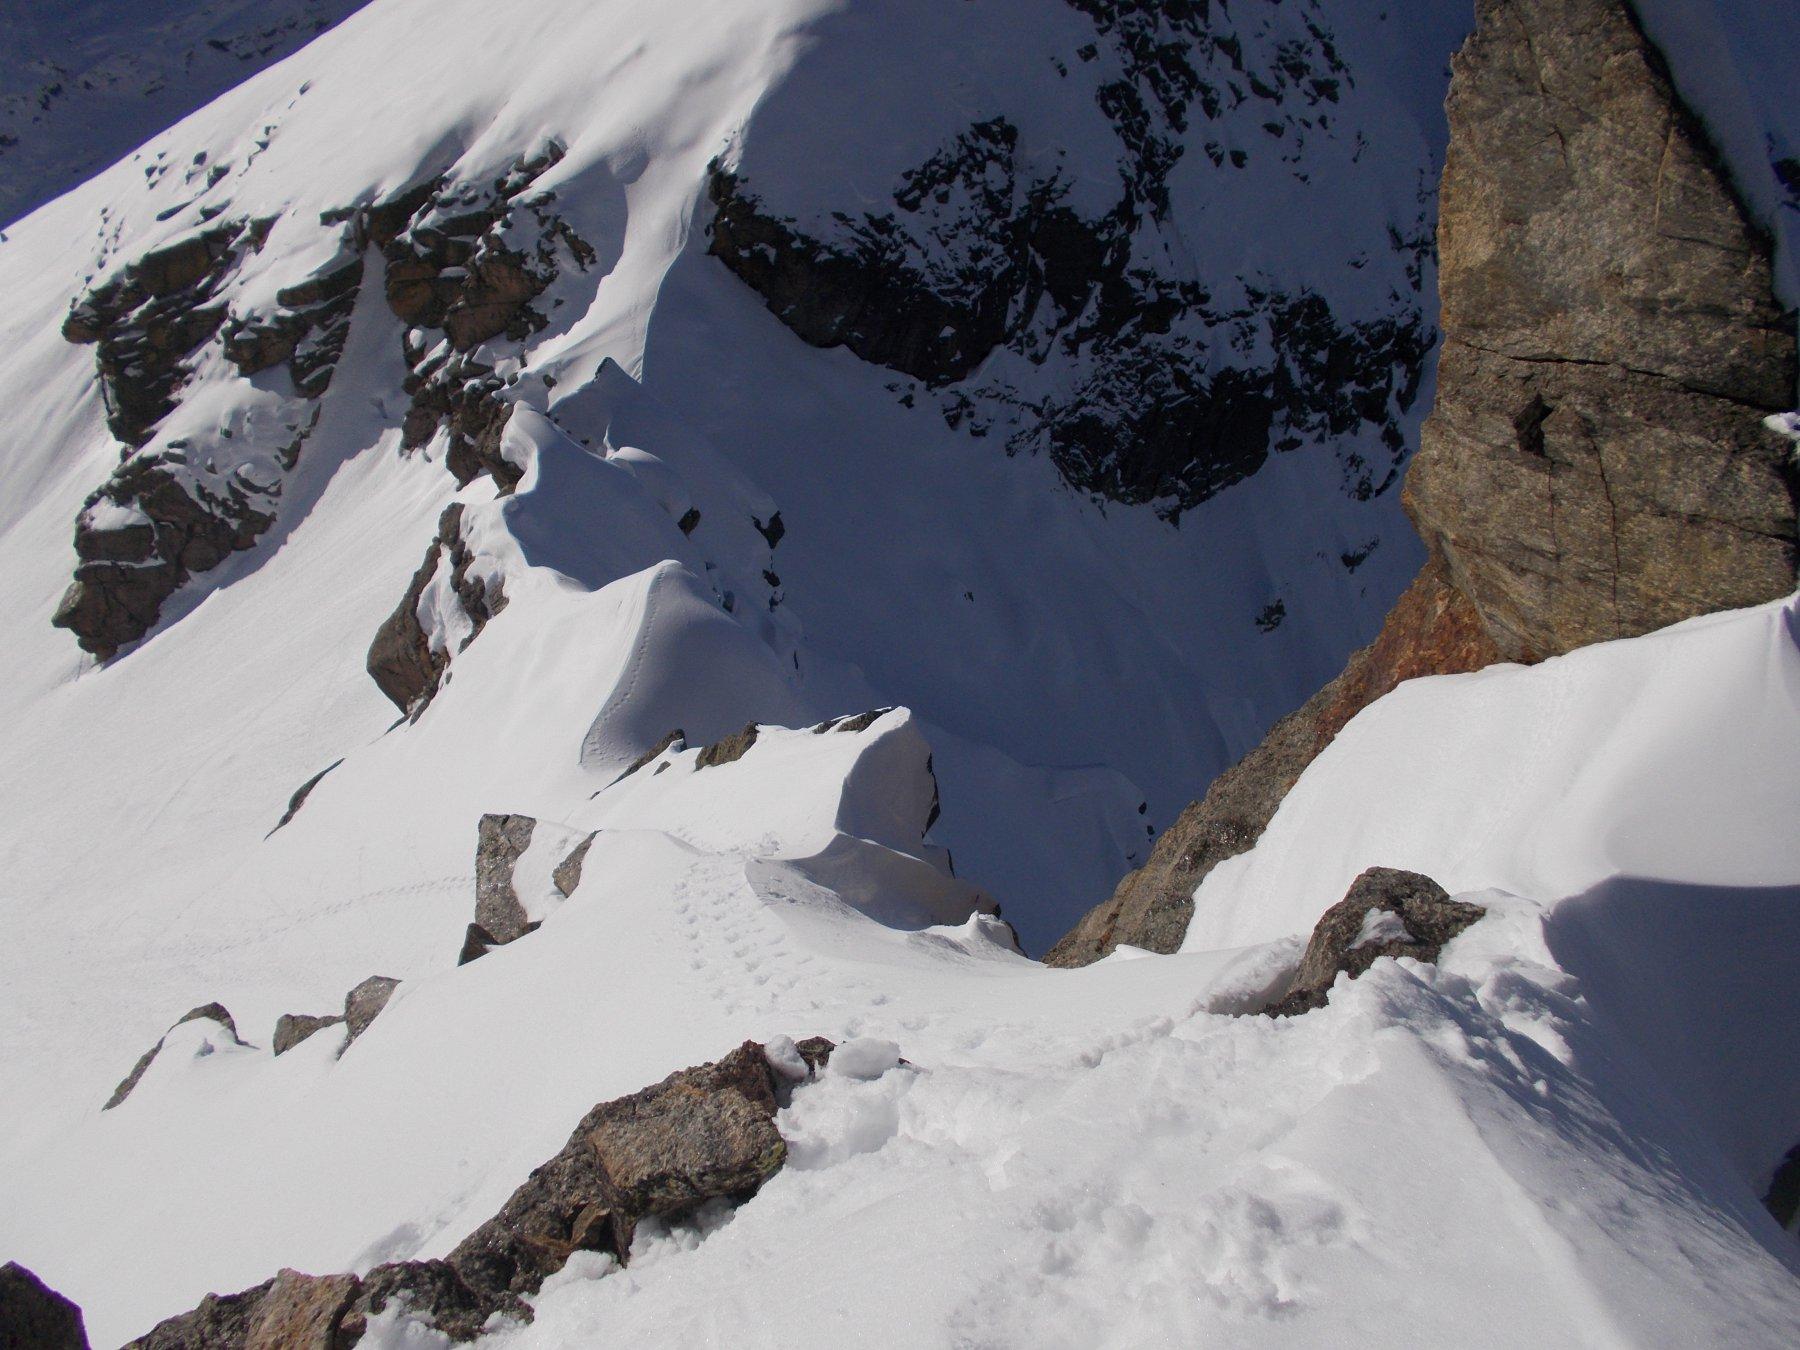 la cresta ovest del Tovo Piccolo da ridiscendere con cautela..